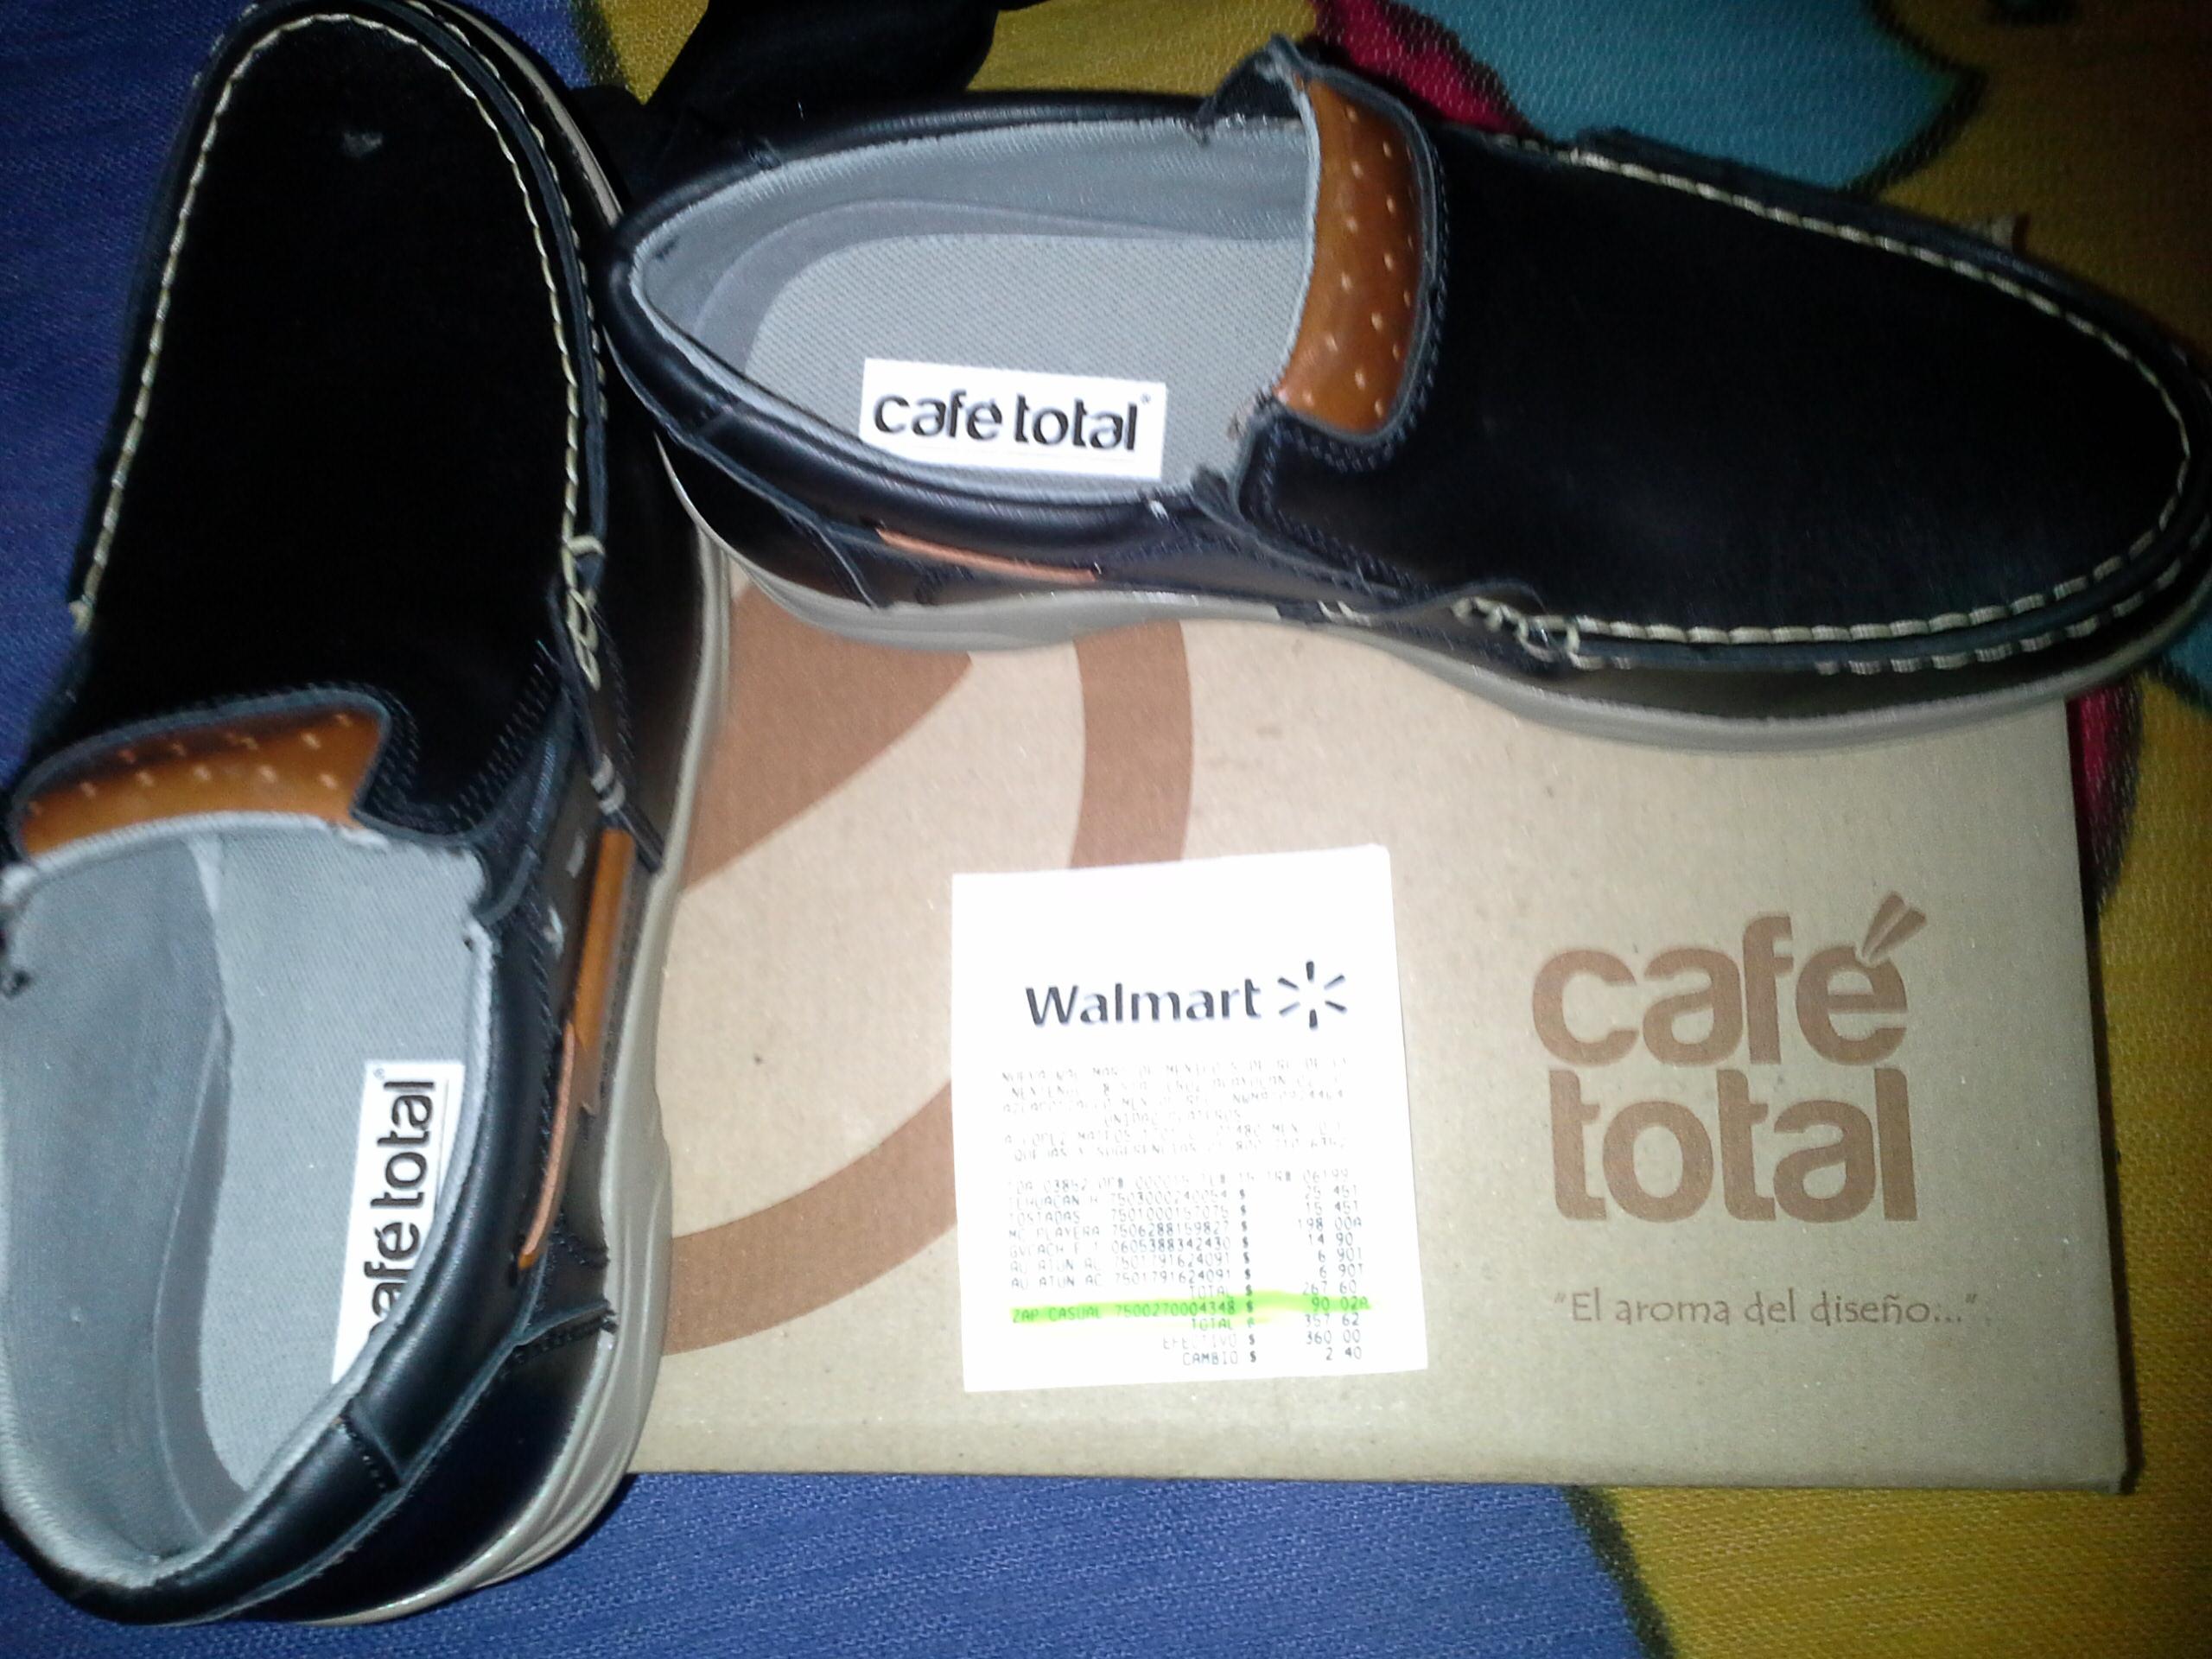 Walmart: Zapatos marca Café Total a $90.02